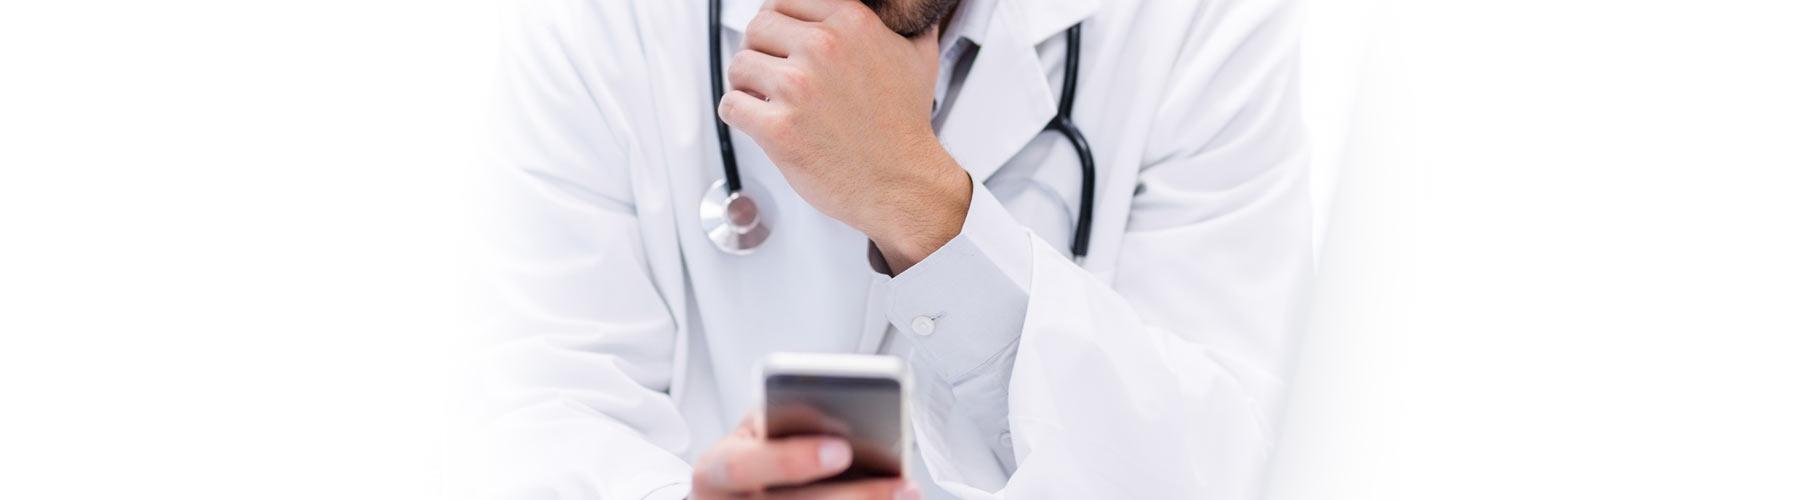 Recomendaciones aplicaciones móviles salud